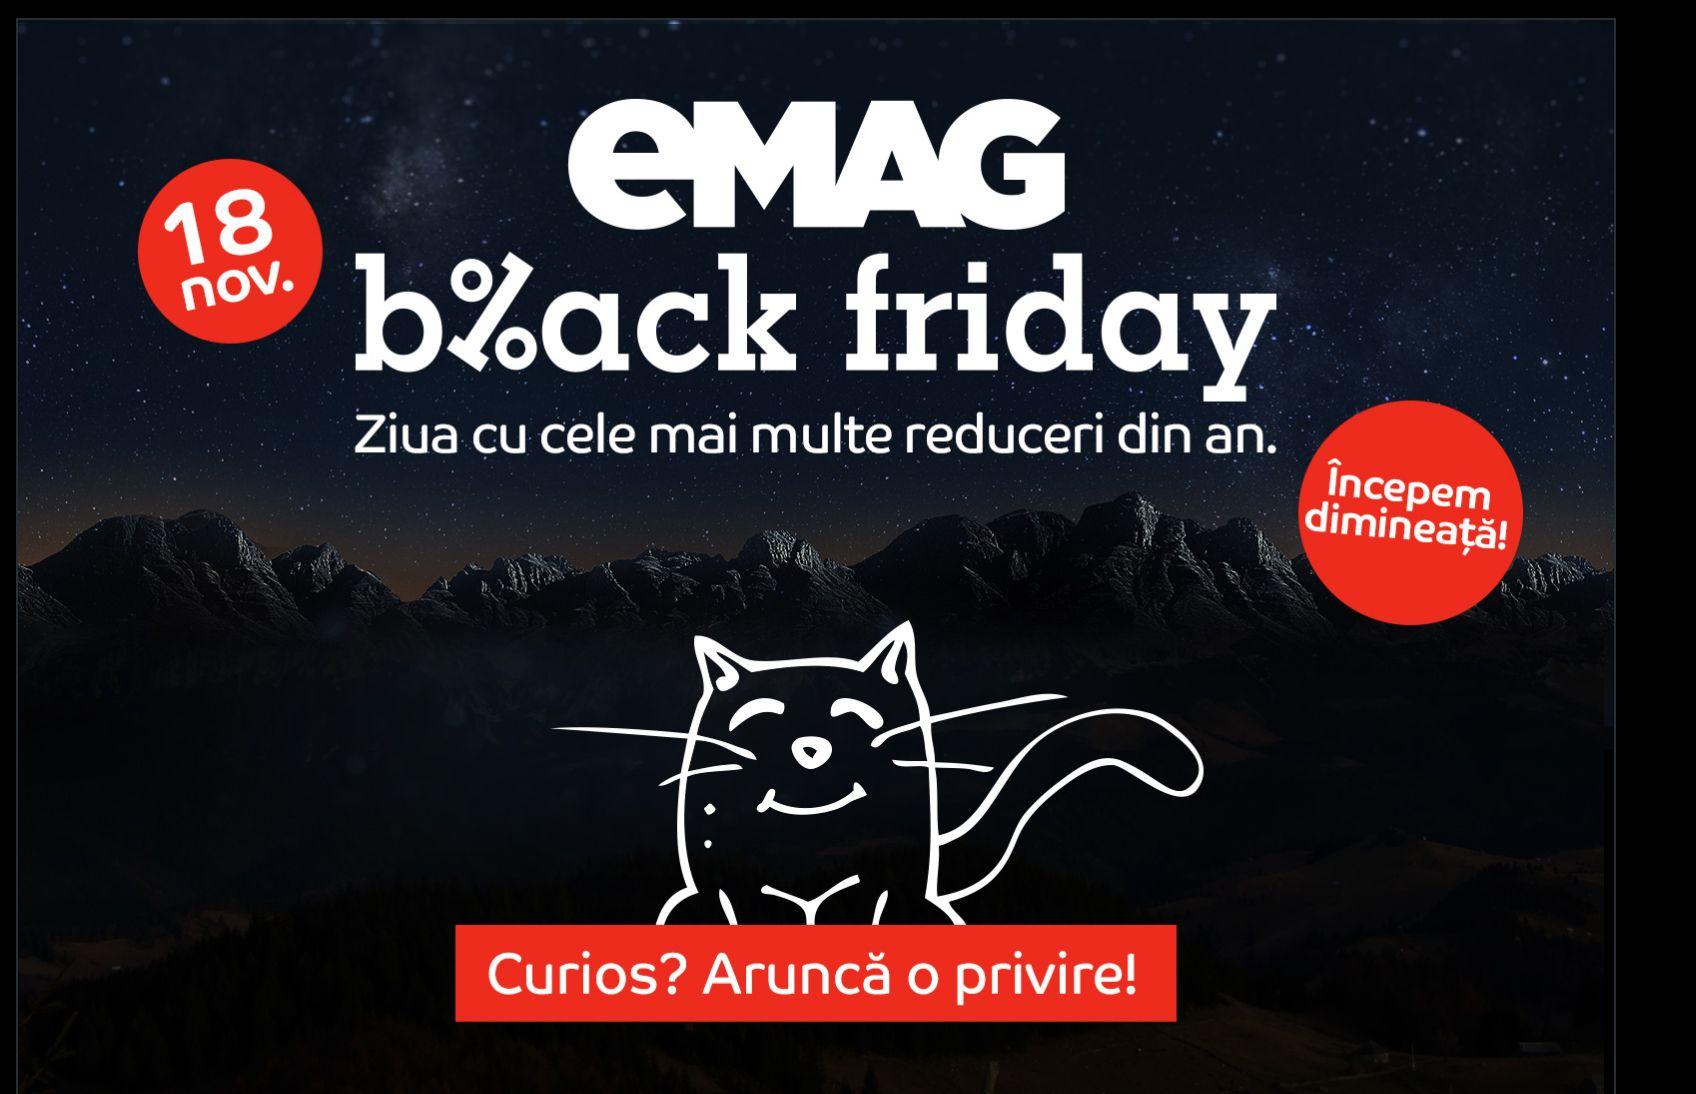 Catalog eMAG Black Friday 2016. Oferta promoțională a retailerului eMAG. Gama de produse cu prețuri speciale cu ocazia zilei de 18 noiembrie.